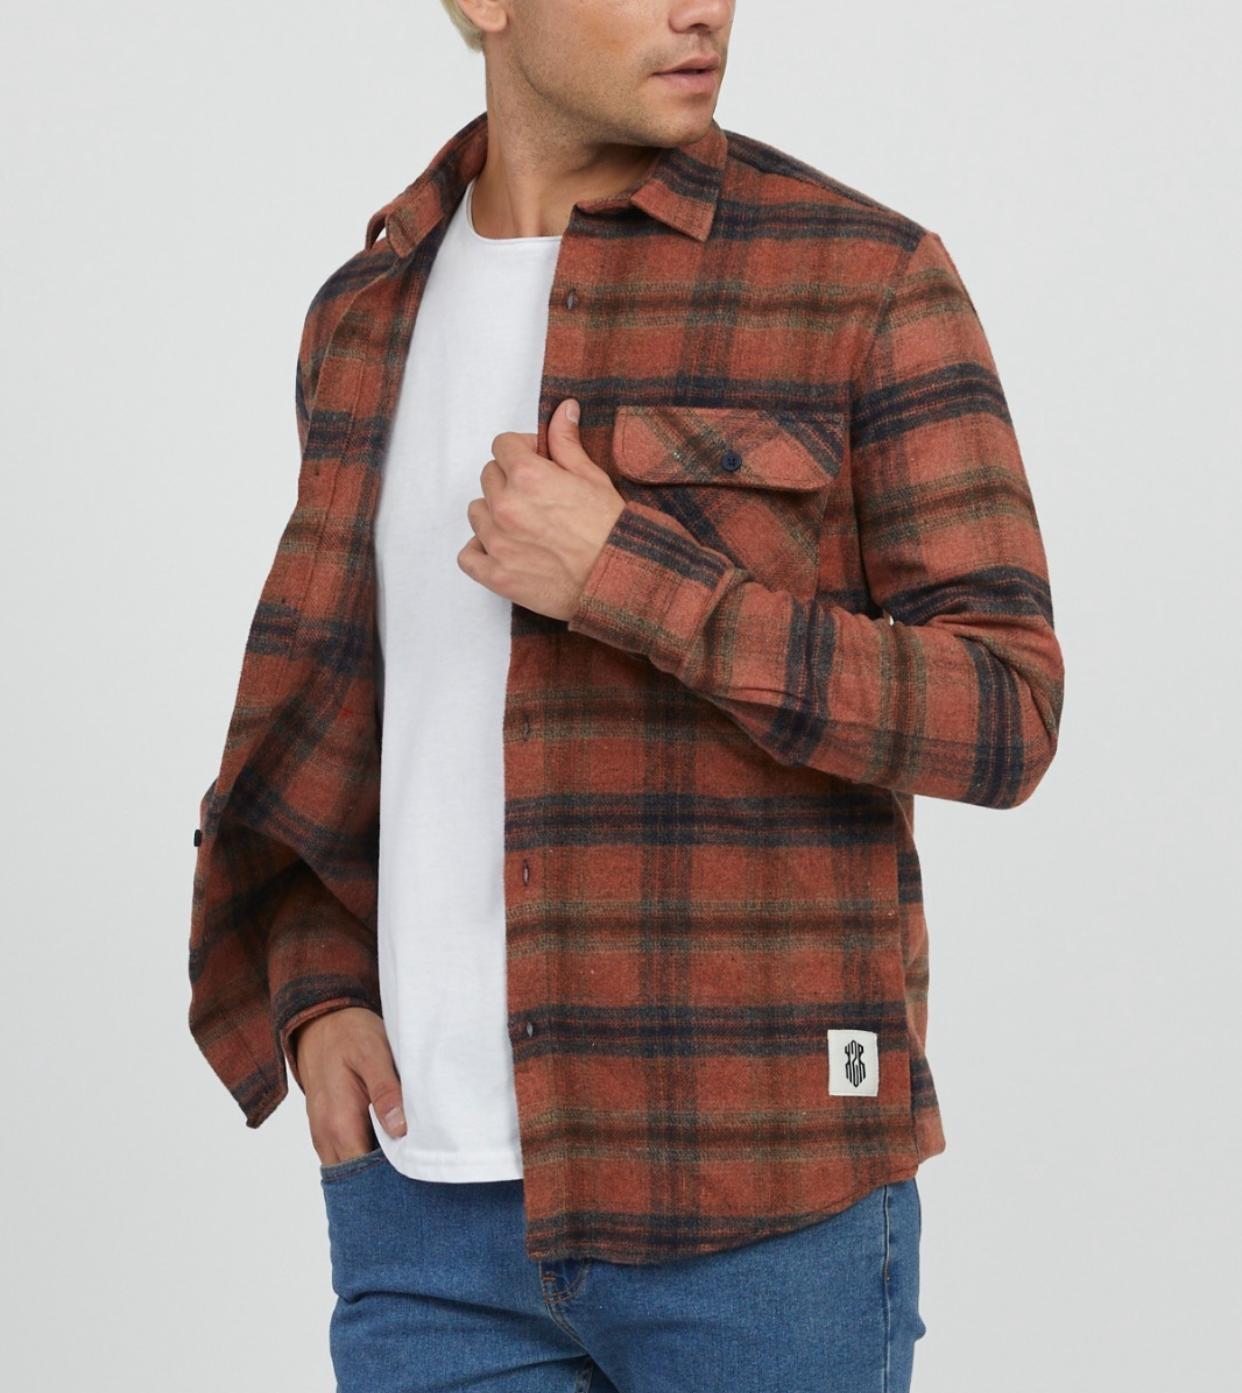 MYSTORE chemise charles brun-2